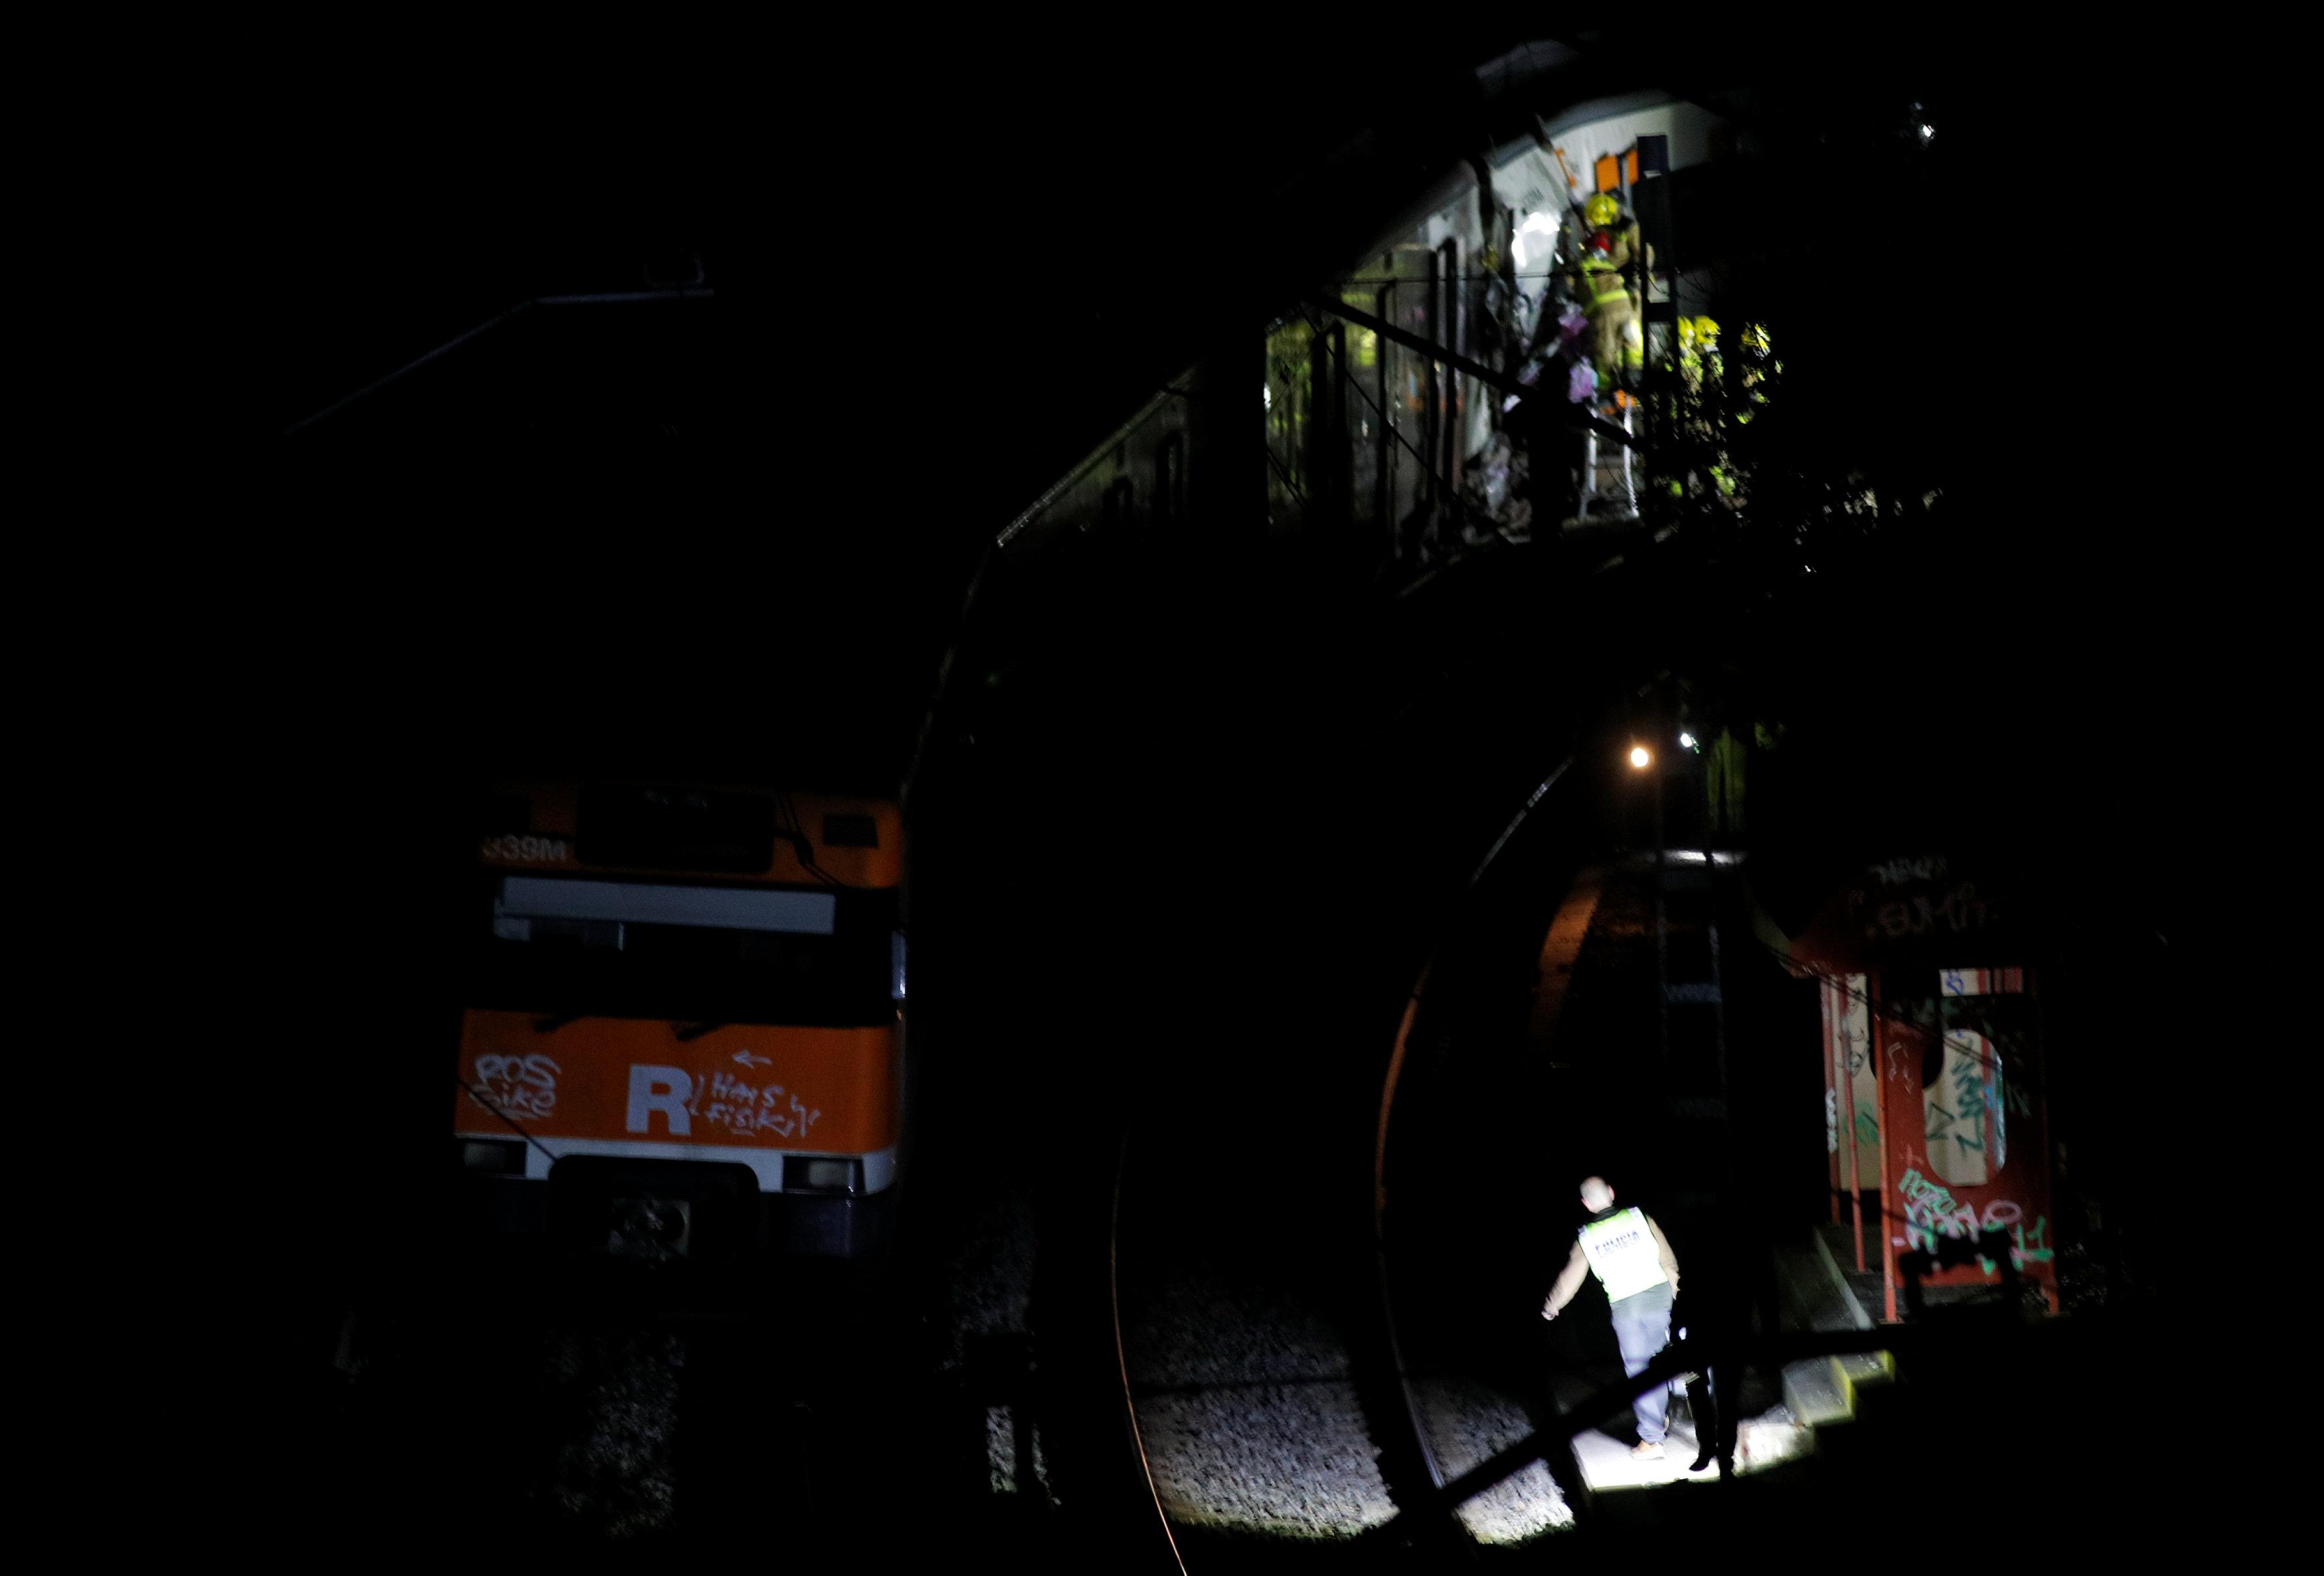 458840-حادث-تصادم-قطارين-بإسبانيا-(7)